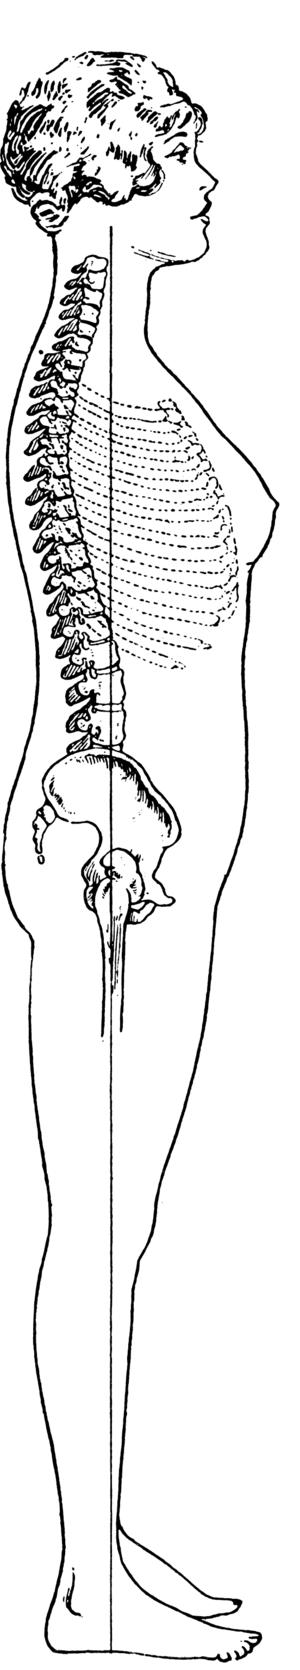 Erect Posture